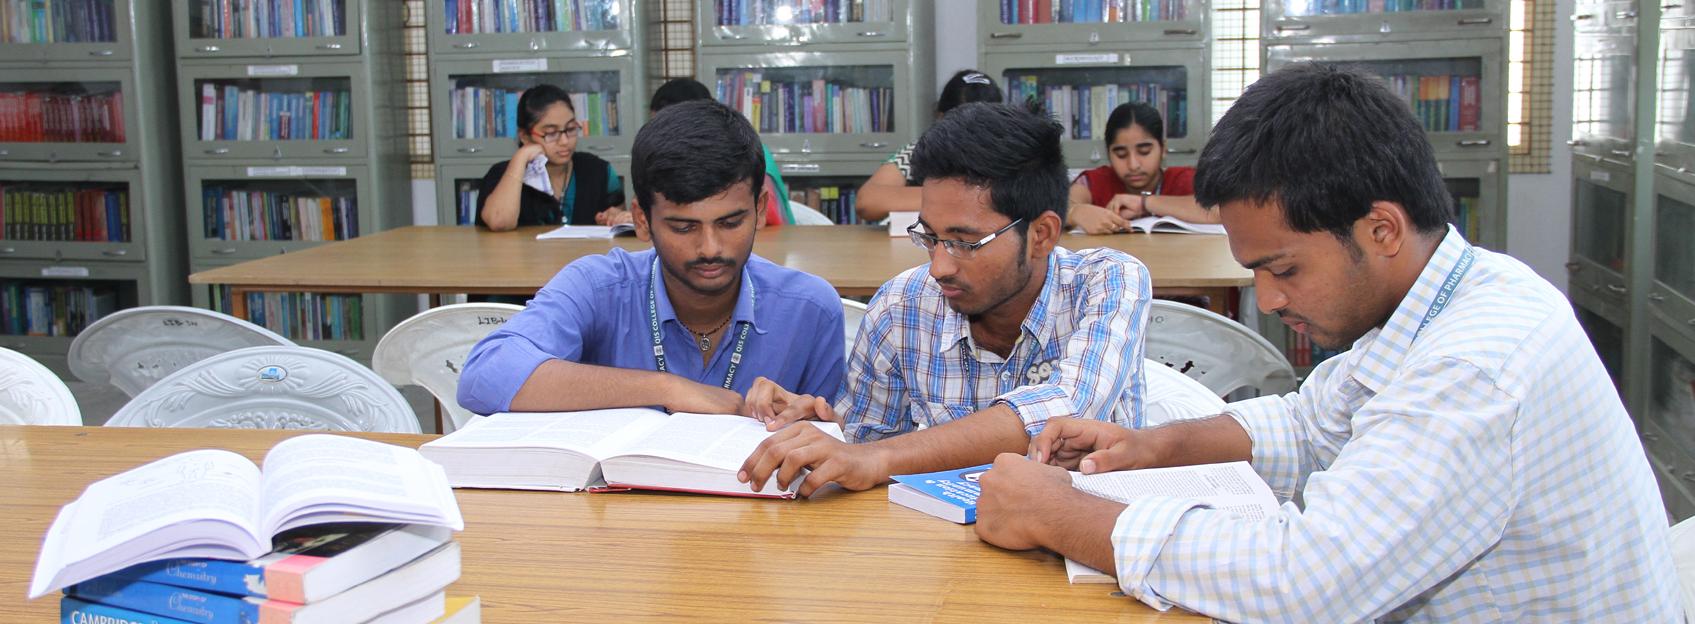 thesis on fast dissolving films Pharma research library overview on fast dissolving oral films naziya khatoon, n g raghavendra rao of fast dissolving film will be advantageous 14, 15.